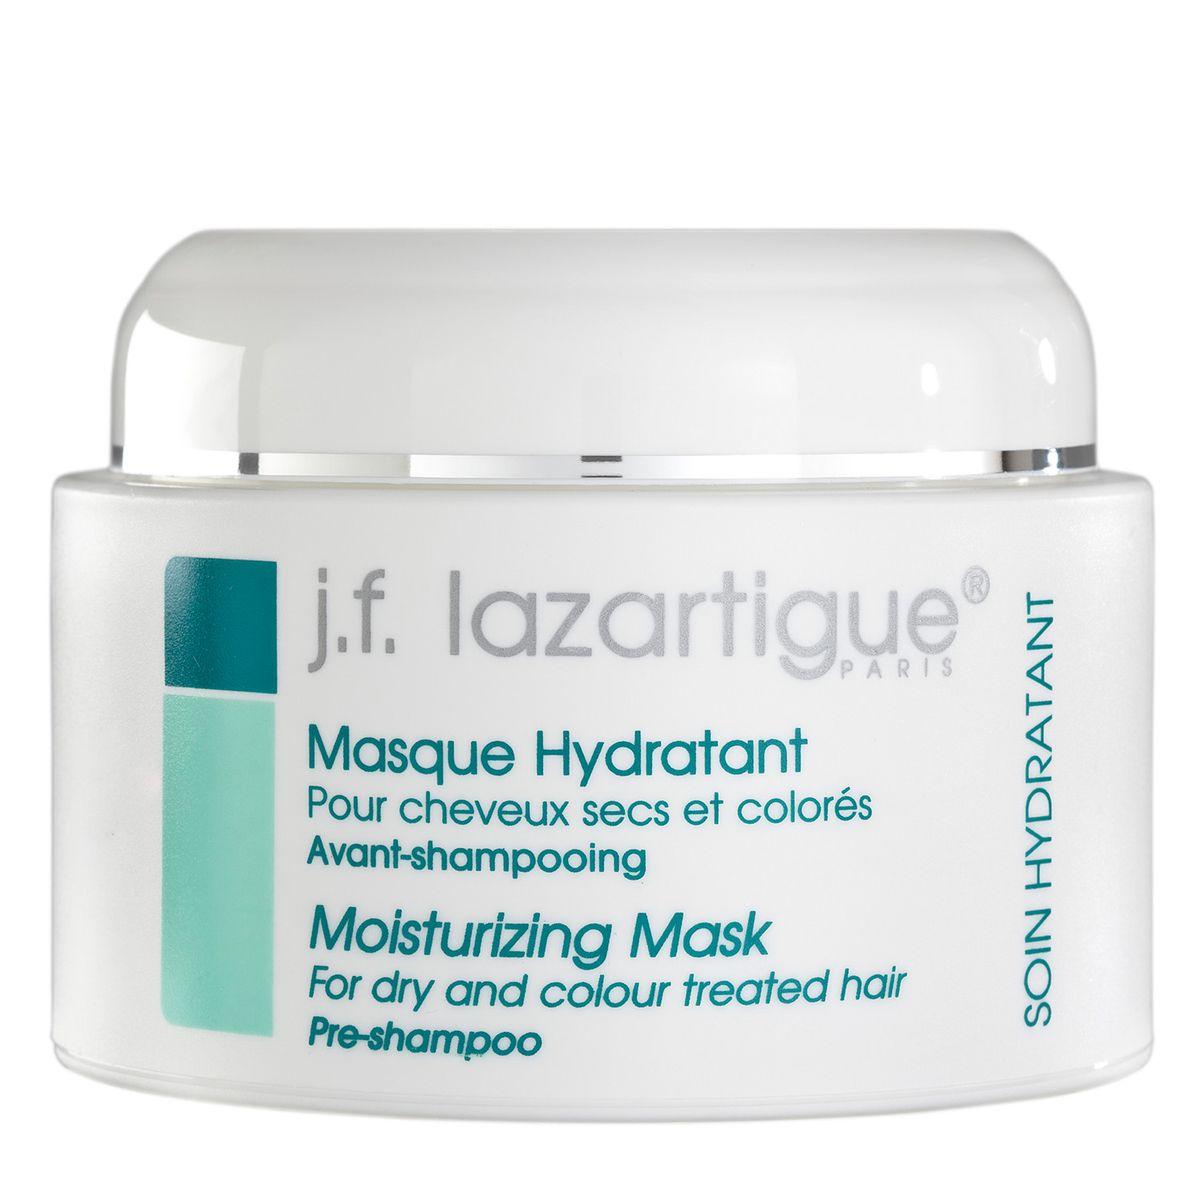 J.F.Lazartigue Увлажняющая маска 250 млjf411220Маска ухаживает за волосами и кожей головы, восстанавливает поврежденные структуры, увлажняет, защищает, оказывает стимулирующее действие. Обеспечивает освежающий эффект в течение всего дня, предотвращает спутывание волос, снимает их наэлектризованность, восстанавливает блеск. Волосы становятся более послушными и легче укладываются. Маска фиксирует и поддерживает действие красящего пигмента. Цвет окрашенных волос становится ярче, они сияют обновленным блеском и остаются пышными.